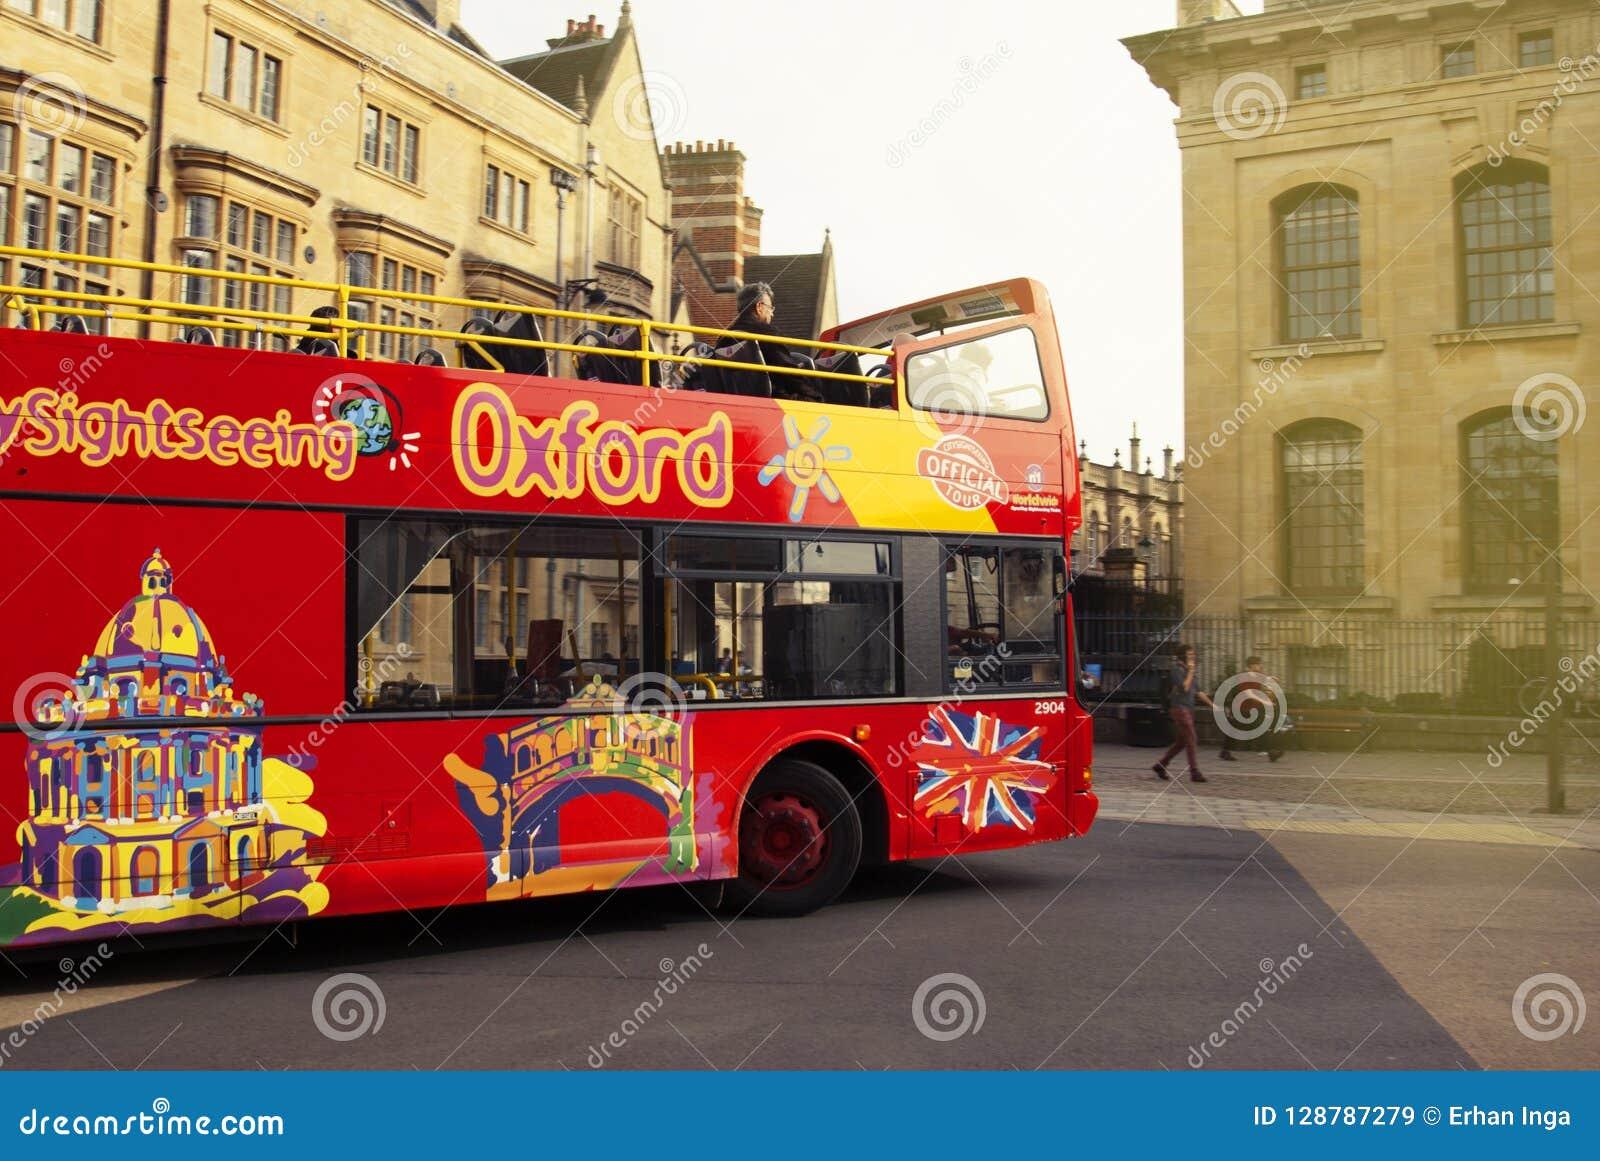 Oxford, Großbritannien - 13. Oktober 2018: Rote touristische buss in der Straße